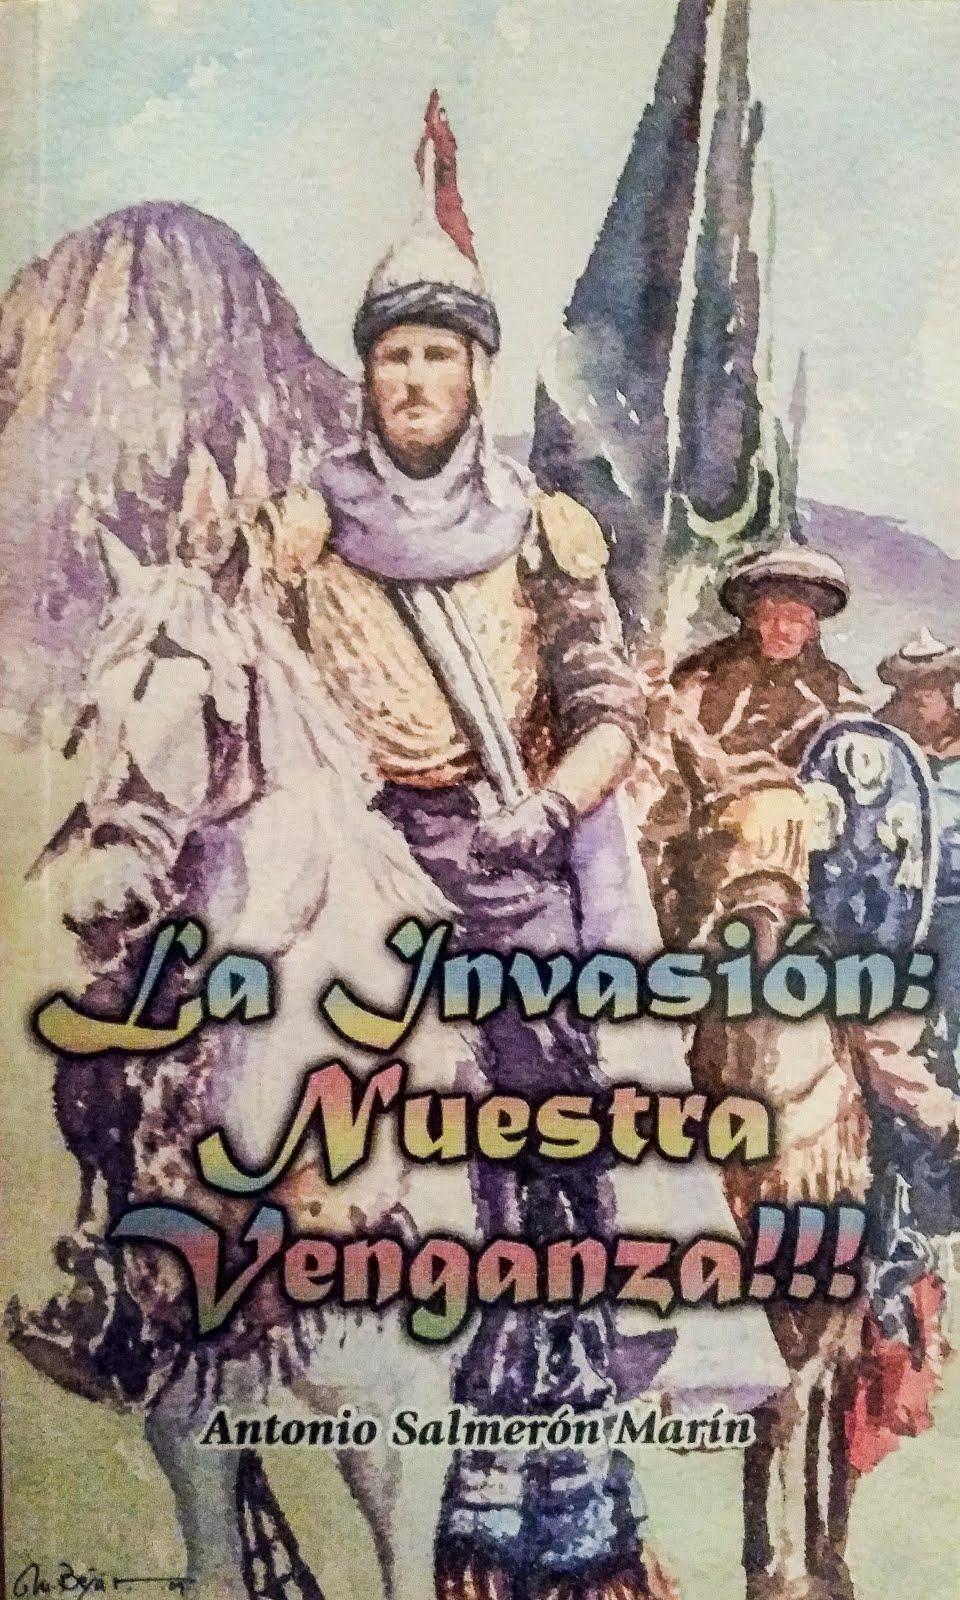 La Invasión: Nuestra Venganza por Antonio Salmerón Marín